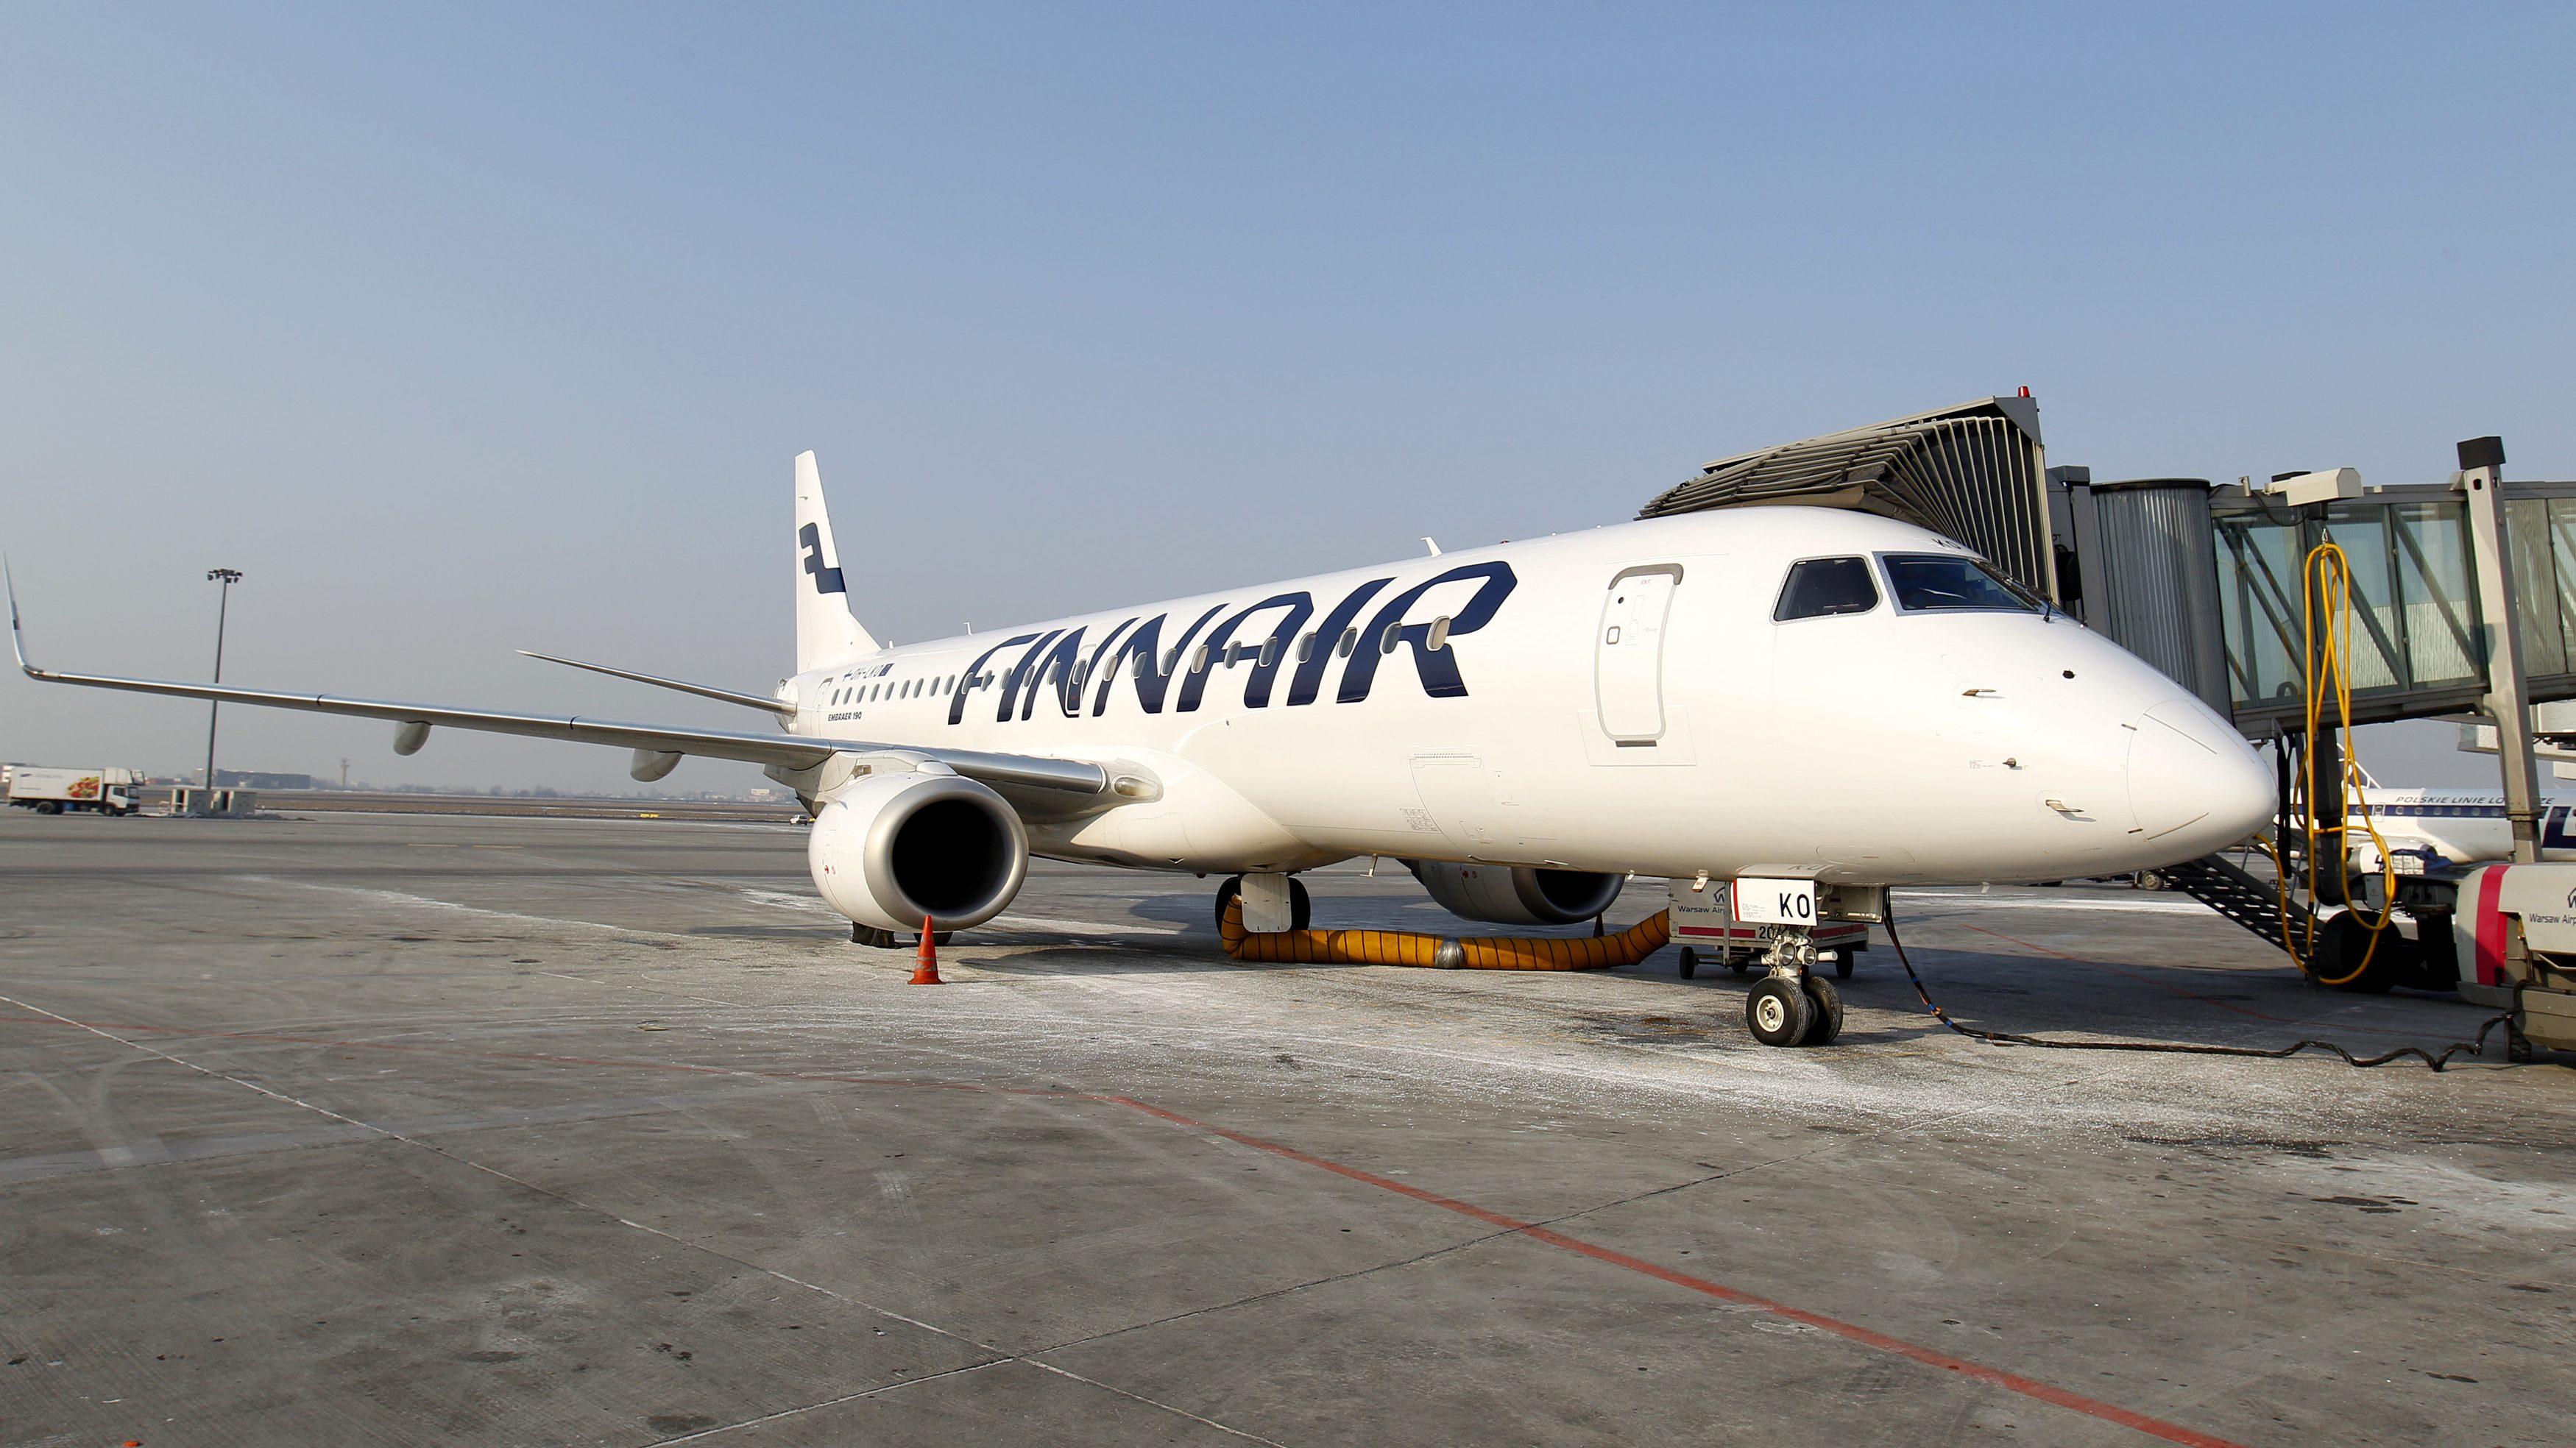 A Finnair jet